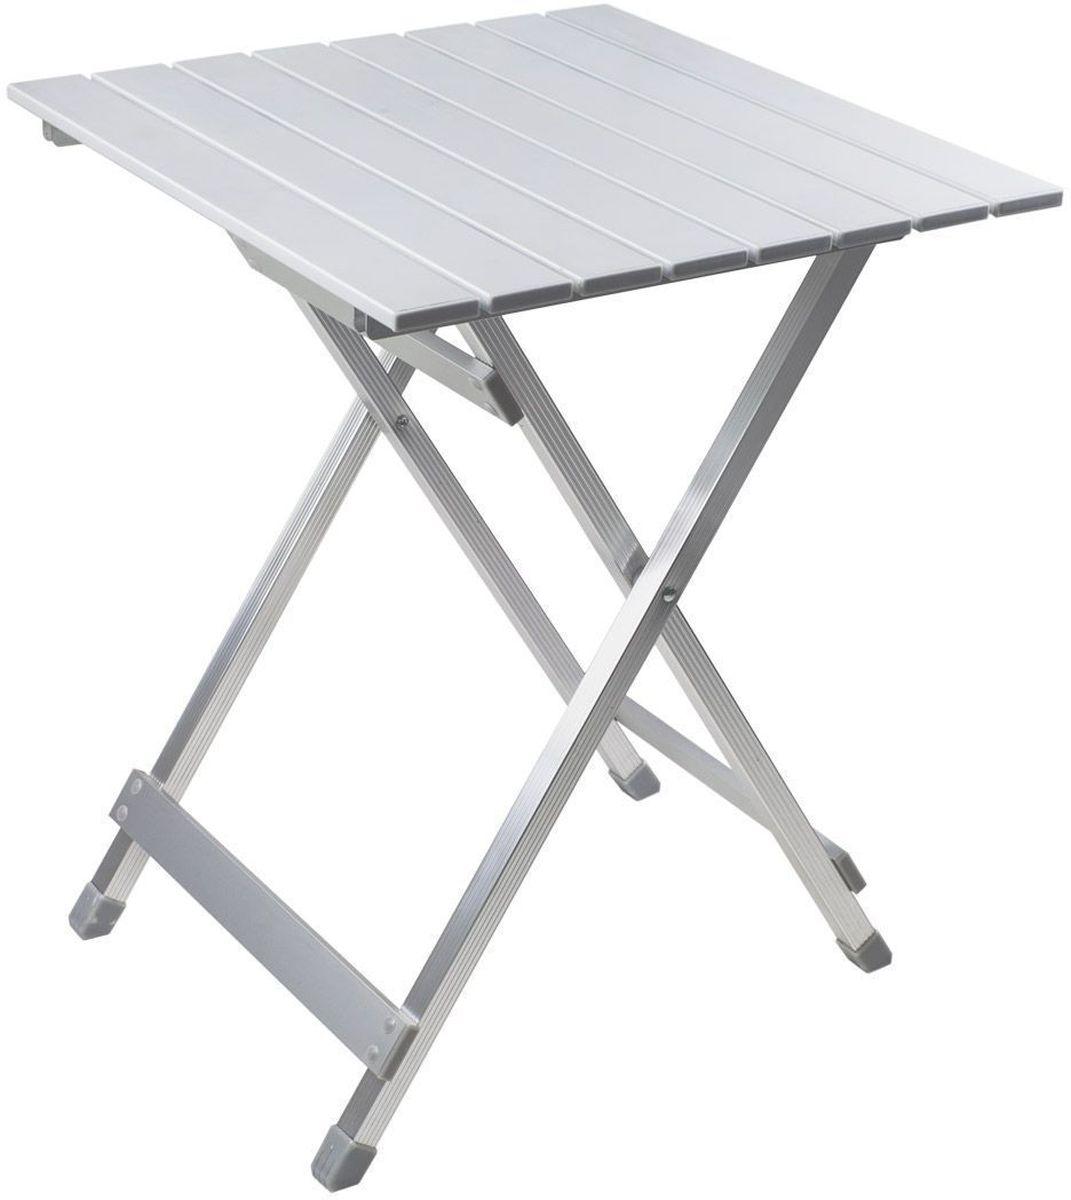 Стол складной GoGarden Compact 50, садовый, 50 х 48 х 61см50355Небольшой многофункциональный стол GoGarden Compact 50 из наборного алюминия. Легкий, компактный, в сложенном виде очень удобен для переноски. Складывается и раскладывается за 10 секунд! Прочная, устойчивая конструкция. Стол можно поставить рядом с шезлонгами для напитков, использовать для еды или как декоративную подставку под цветы и хранить на открытом воздухе в течение всего года. Рама выполнена из высококачественного 22/22 & 55/11 мм алюминия. В сложенном состоянии не занимает много места. Размер в разложенном виде: 50 х 48 х 61 см. Размер в сложенном виде: 70 х 50 х 5 см. Вес: 2,2 кг. Нагрузка: 30 кг.